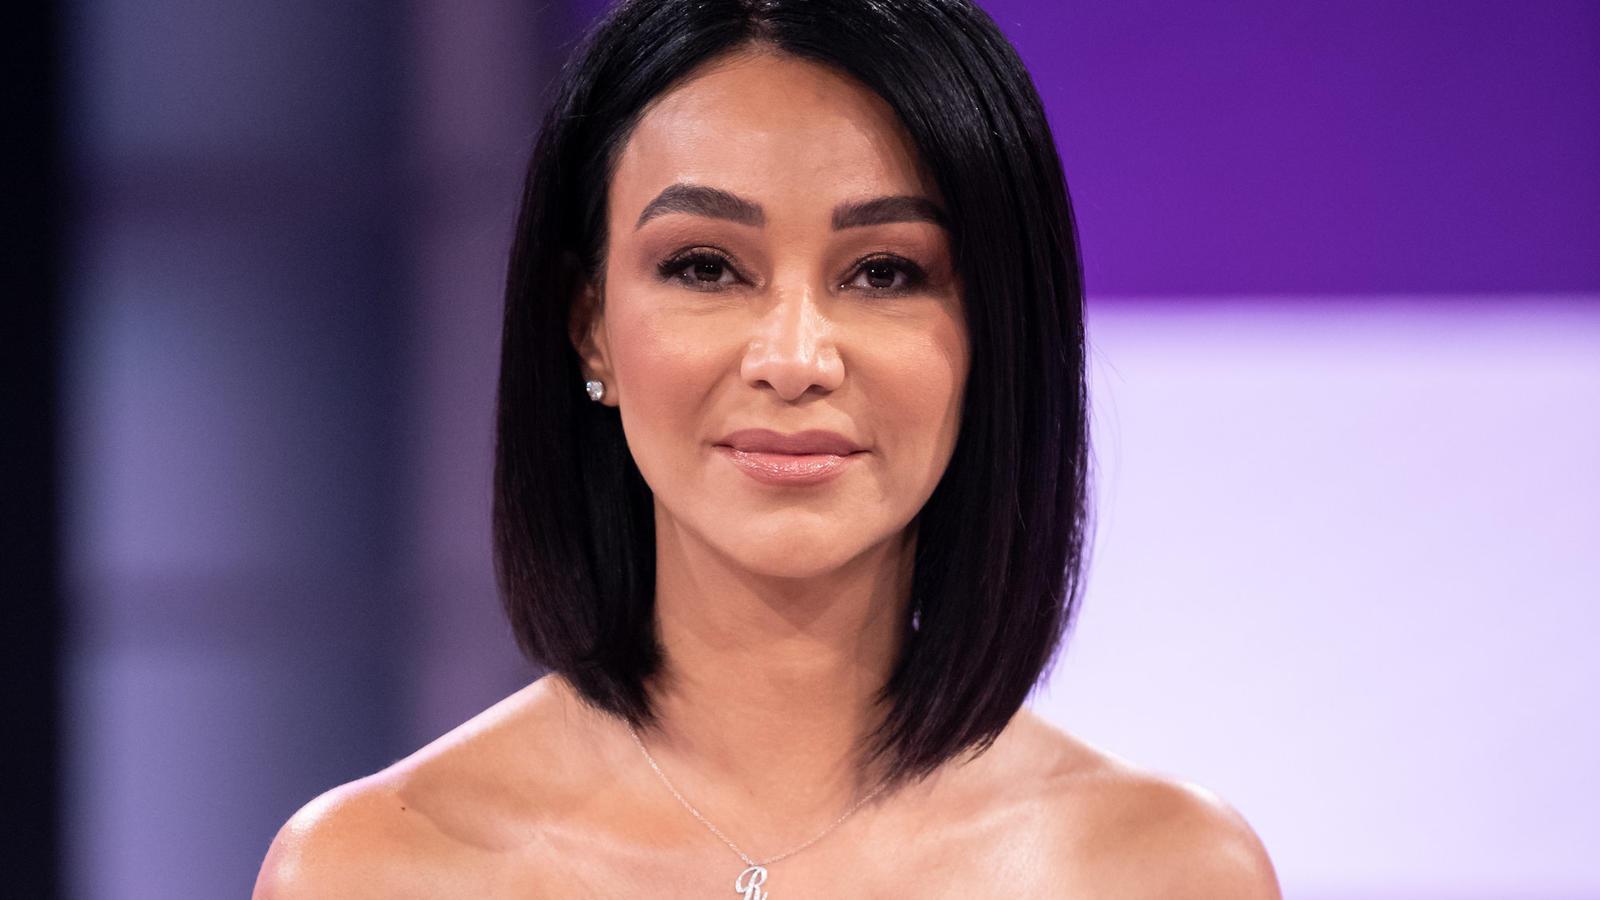 Verona Pooth hat sich erst kürzlich für einen Bob-Schnitt à la Kardashian entschieden.